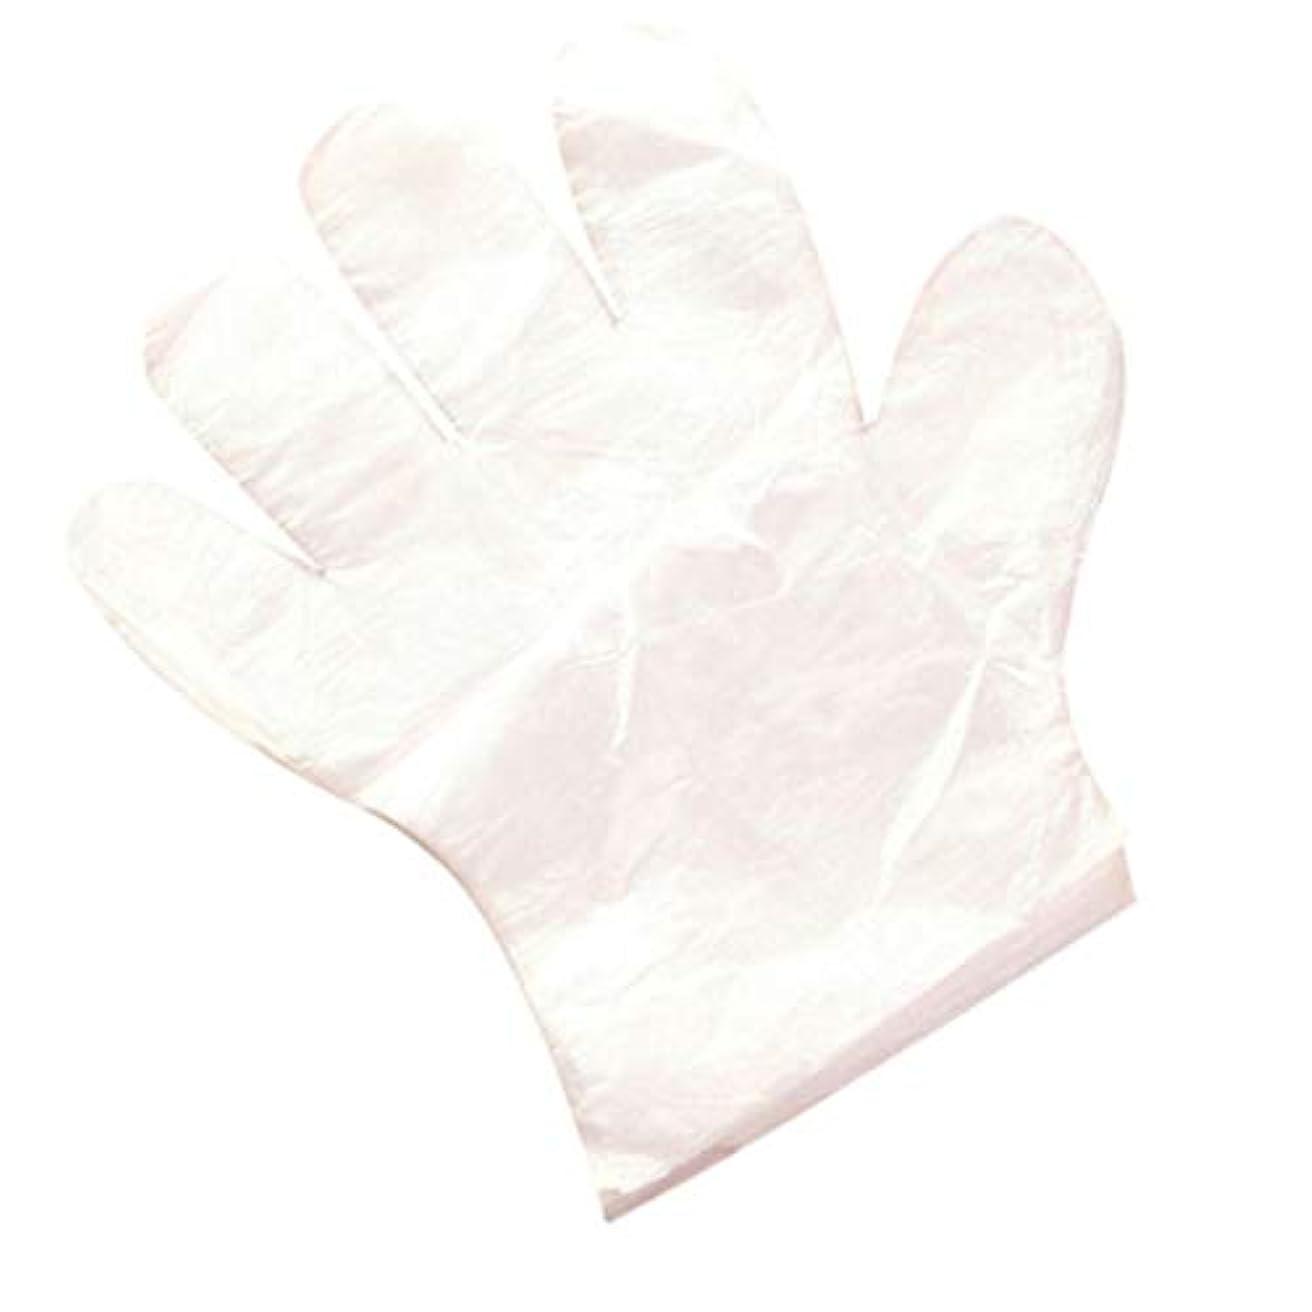 家庭用家庭の清掃および衛生用使い捨て手袋を食べる使い捨て手袋 (UnitCount : 500only)